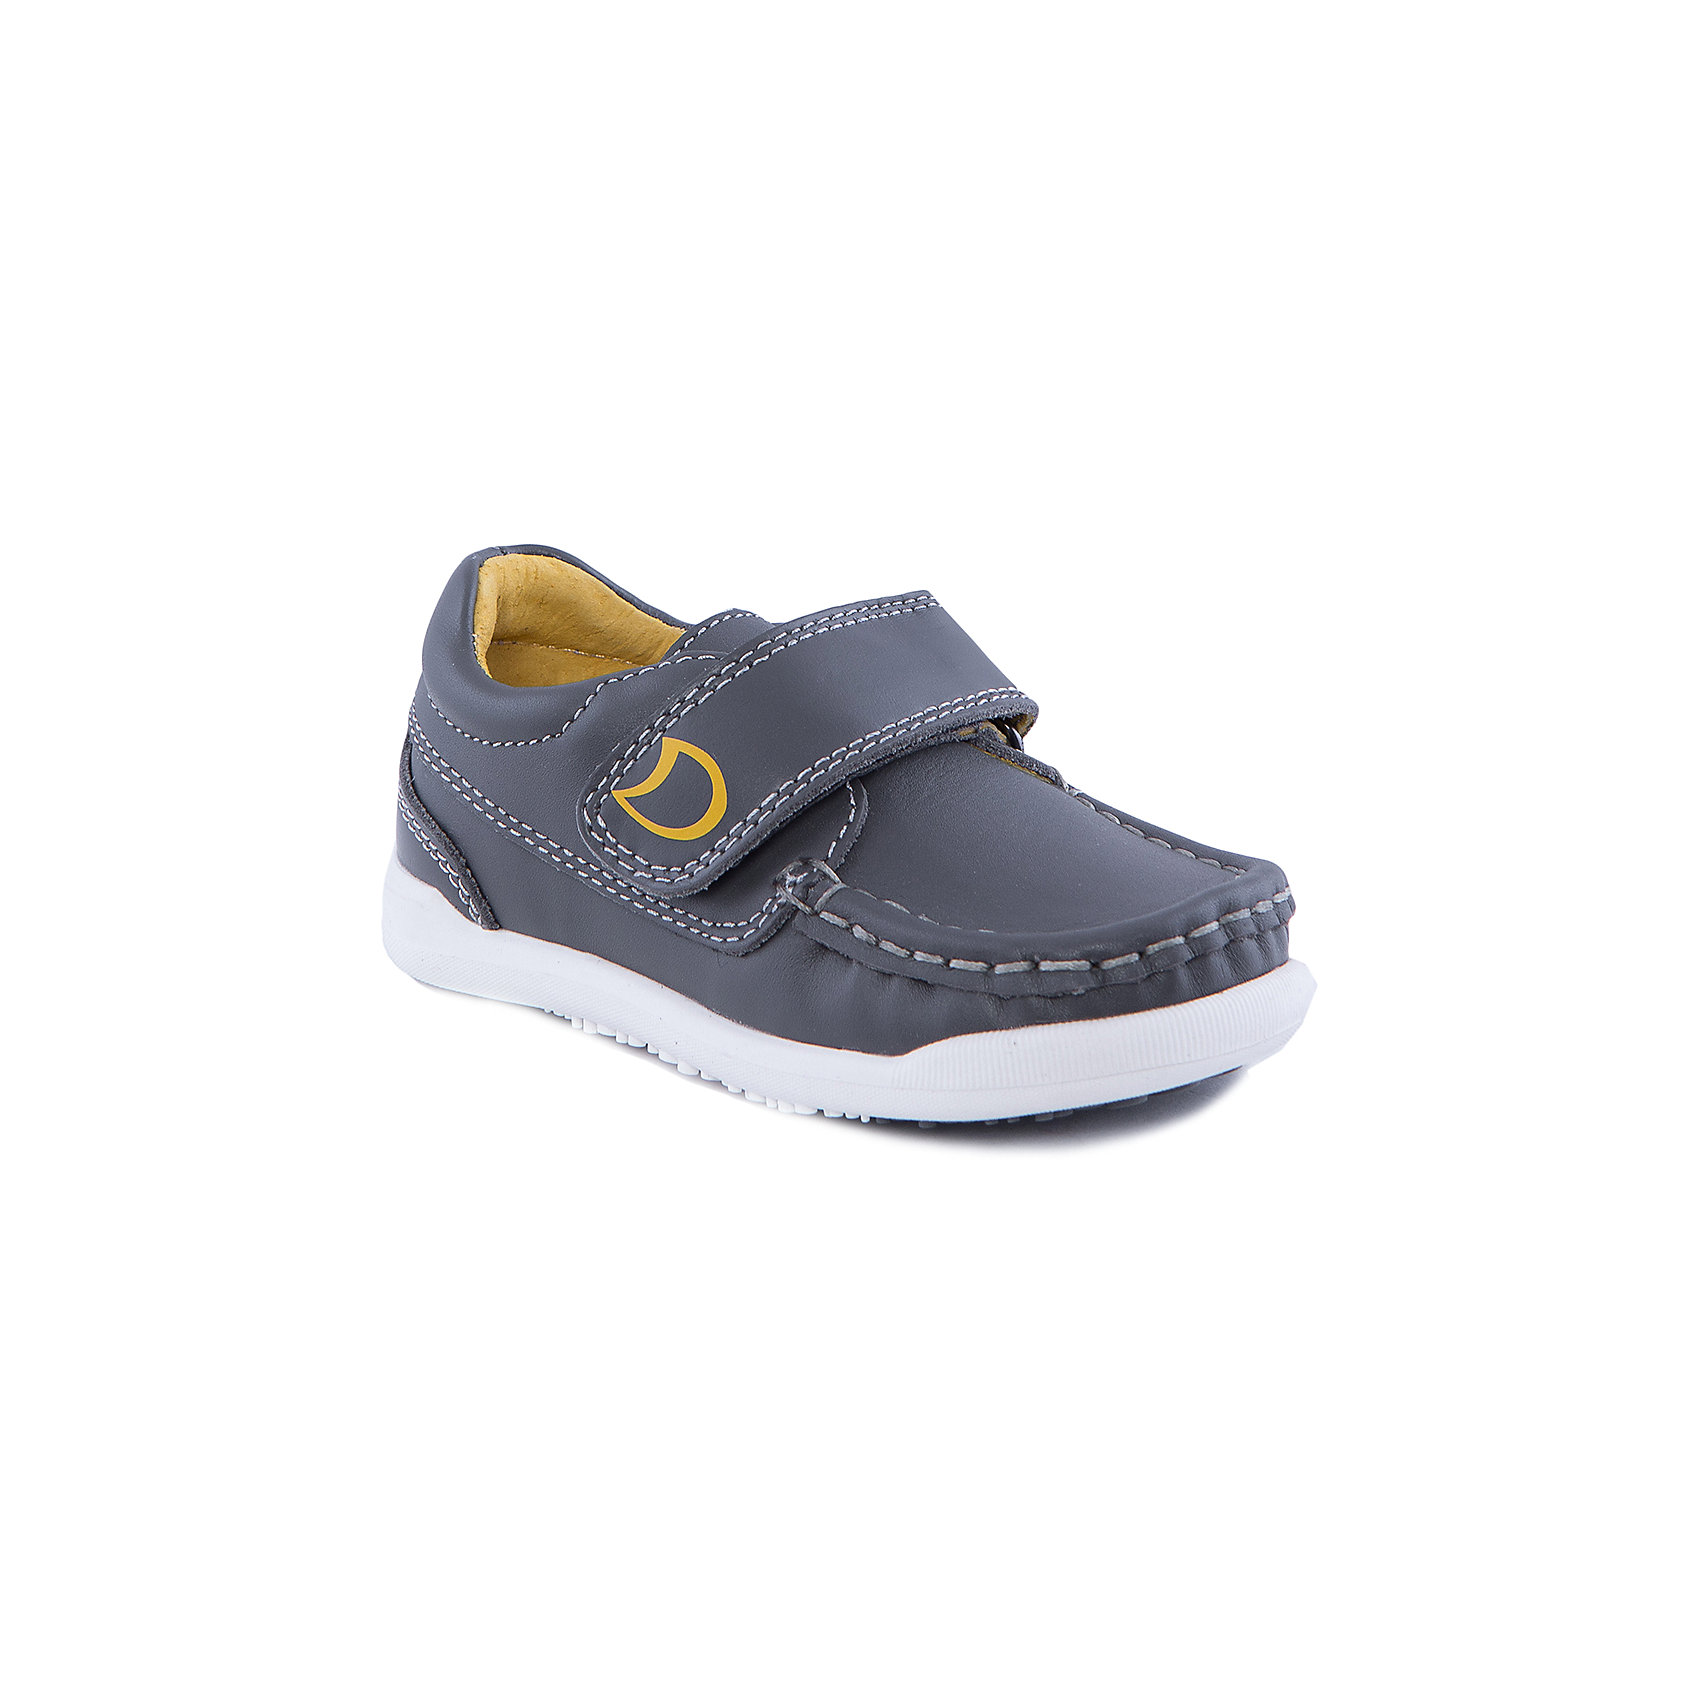 Мокасины для мальчика КотофейТуфли для мальчика от популярной марки Котофей.<br>Удобные и стильные туфли для мальчика – это комфортная и практичная обувь. Они легко застегиваются благодаря липучке, отлично прошиты. Сделаны из натуральной кожи.<br>Их отличительные особенности:<br>- модный дизайн;<br>- практичный серый цвет;<br>- комфортная колодка;<br>- устойчивая подошва;<br>- удобная застежка-липучка;<br>- материал – натуральная кожа.<br>Дополнительная информация:<br>- Температурный режим: от + 5° С  до + 25° С.<br>- Состав:<br>материал верха: натуральная кожа<br>материал подкладки: натуральная кожа<br>подошва: ТЭП.<br>Туфли для мальчика Котофей можно купить в нашем магазине.<br><br>Ширина мм: 227<br>Глубина мм: 145<br>Высота мм: 124<br>Вес г: 325<br>Цвет: серый<br>Возраст от месяцев: 18<br>Возраст до месяцев: 21<br>Пол: Мужской<br>Возраст: Детский<br>Размер: 23,24,26,25<br>SKU: 4206813